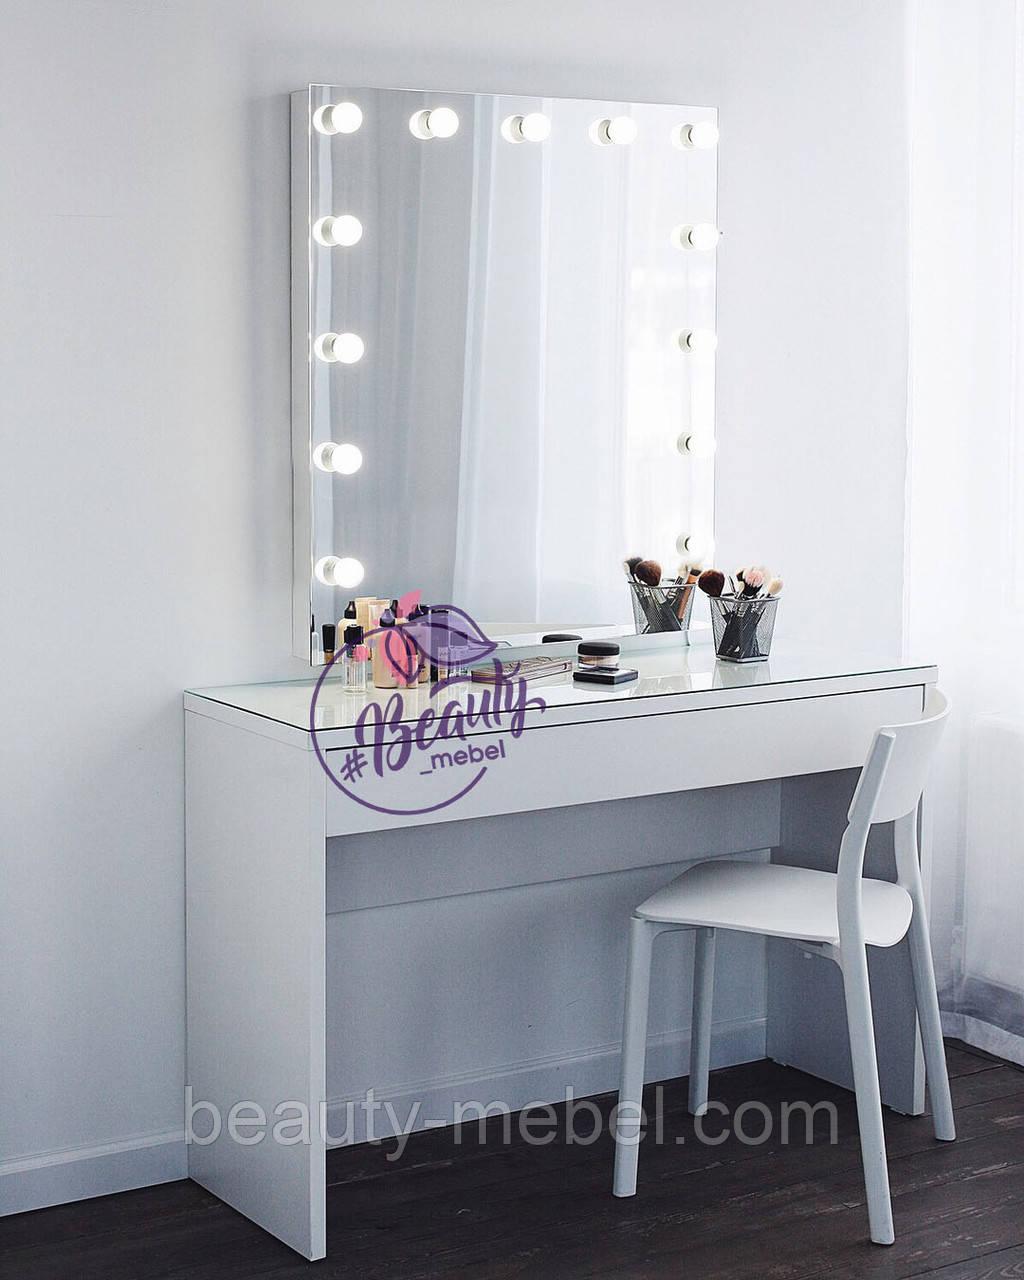 Стол визажиста, гримерный столик, зеркало с подсветкой.